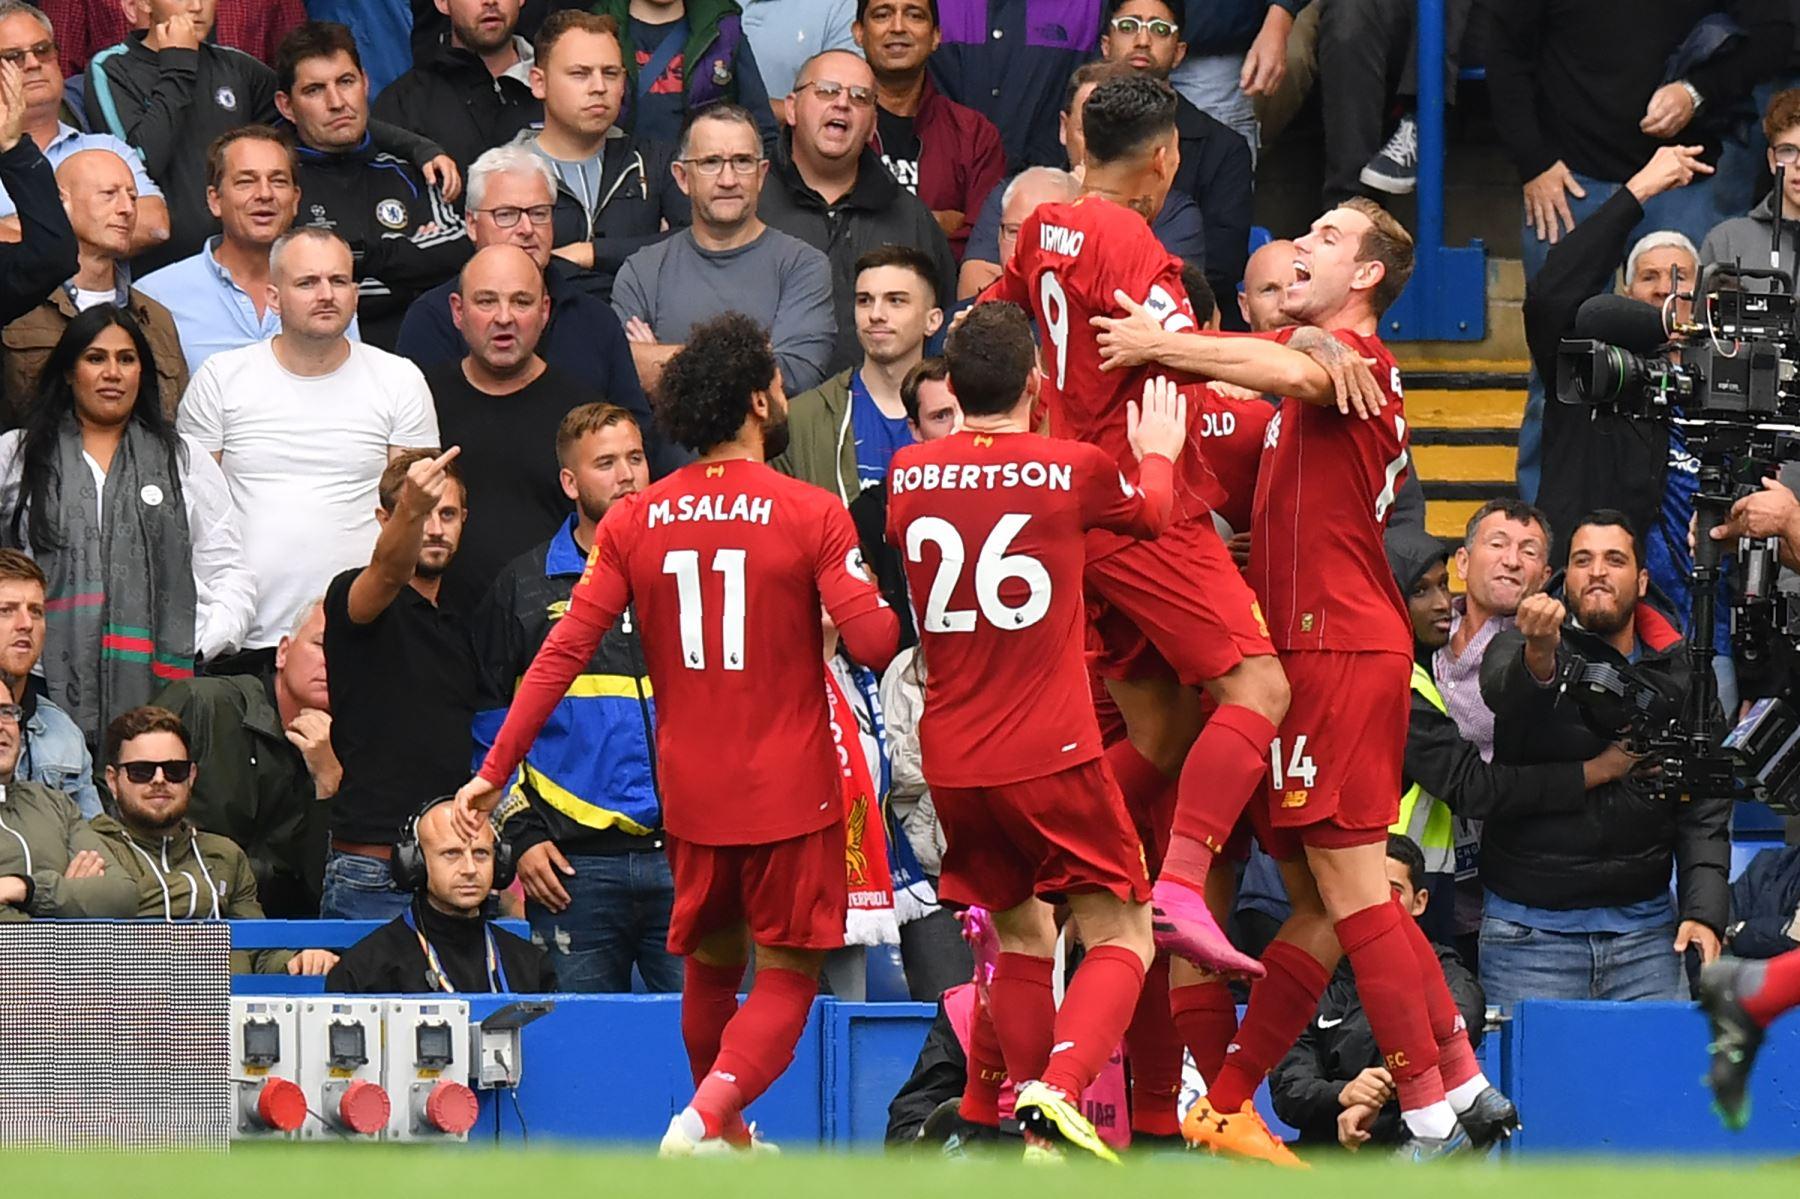 Los jugadores del Liverpool celebran su primer gol durante el partido de fútbol de la Premier League inglesa entre el Chelsea y el Liverpool. Foto: AFP